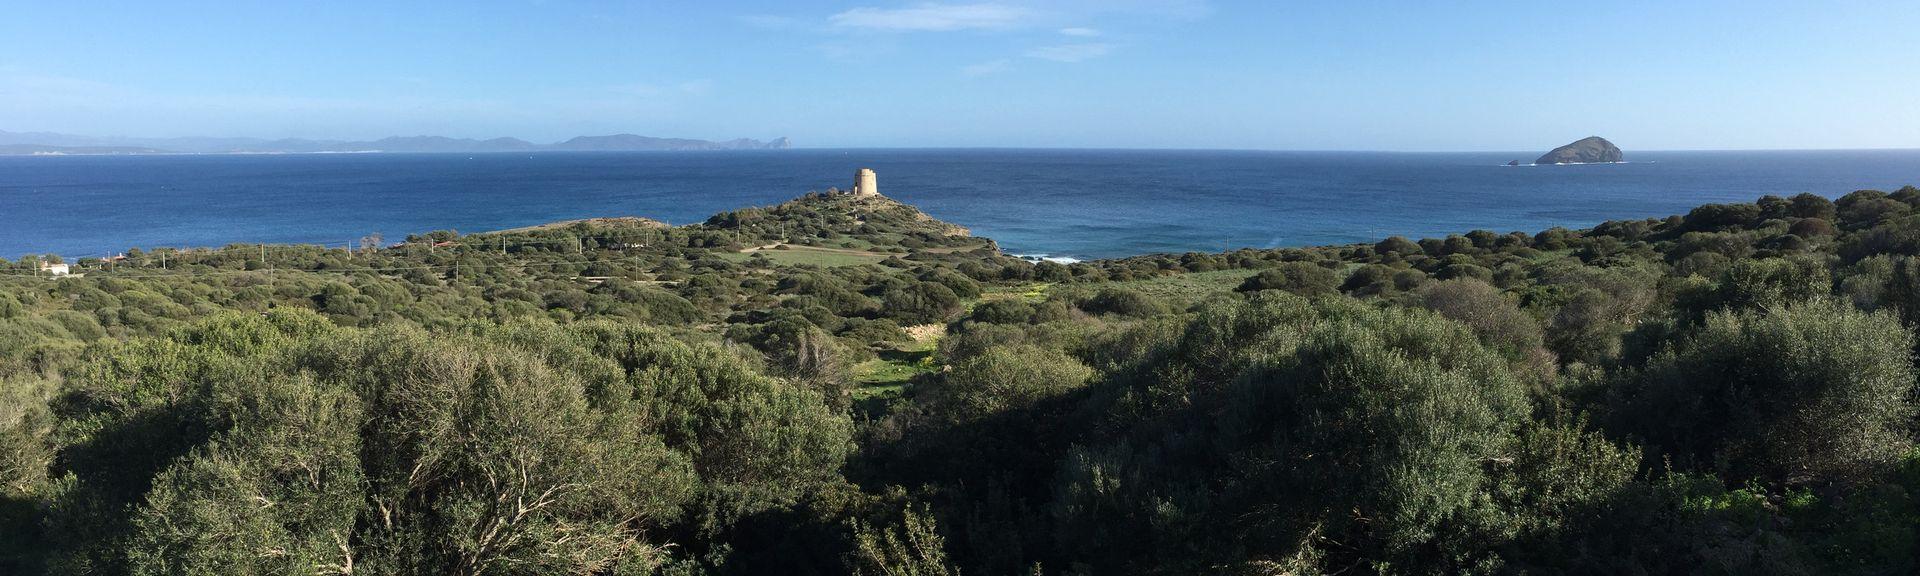 Giba, South Sardinia, Sardinia, Italy